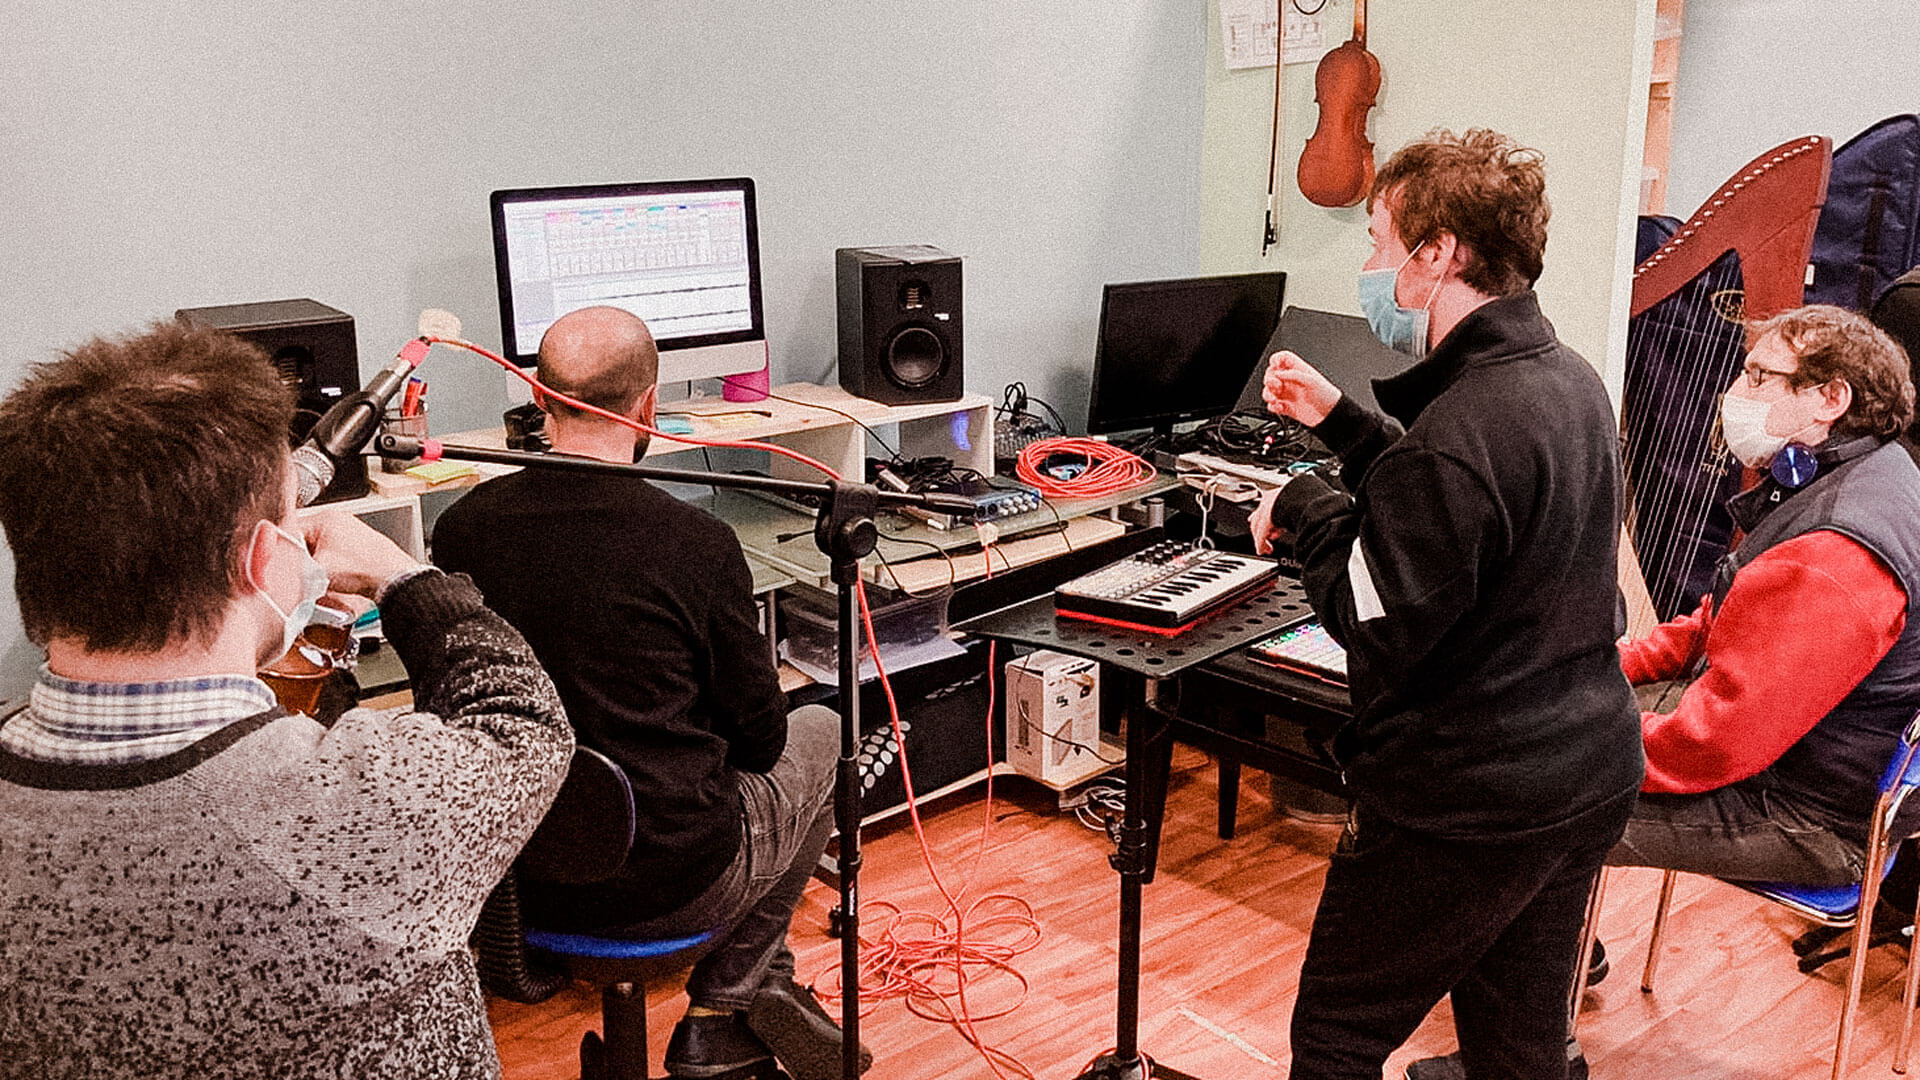 Lezione di musica elettronica in aula, nell'ottobre scorso: i partecipanti al corso confermano che la disabilità non è un limite per l'inventiva con questi strumenti digitali (Foto AM)